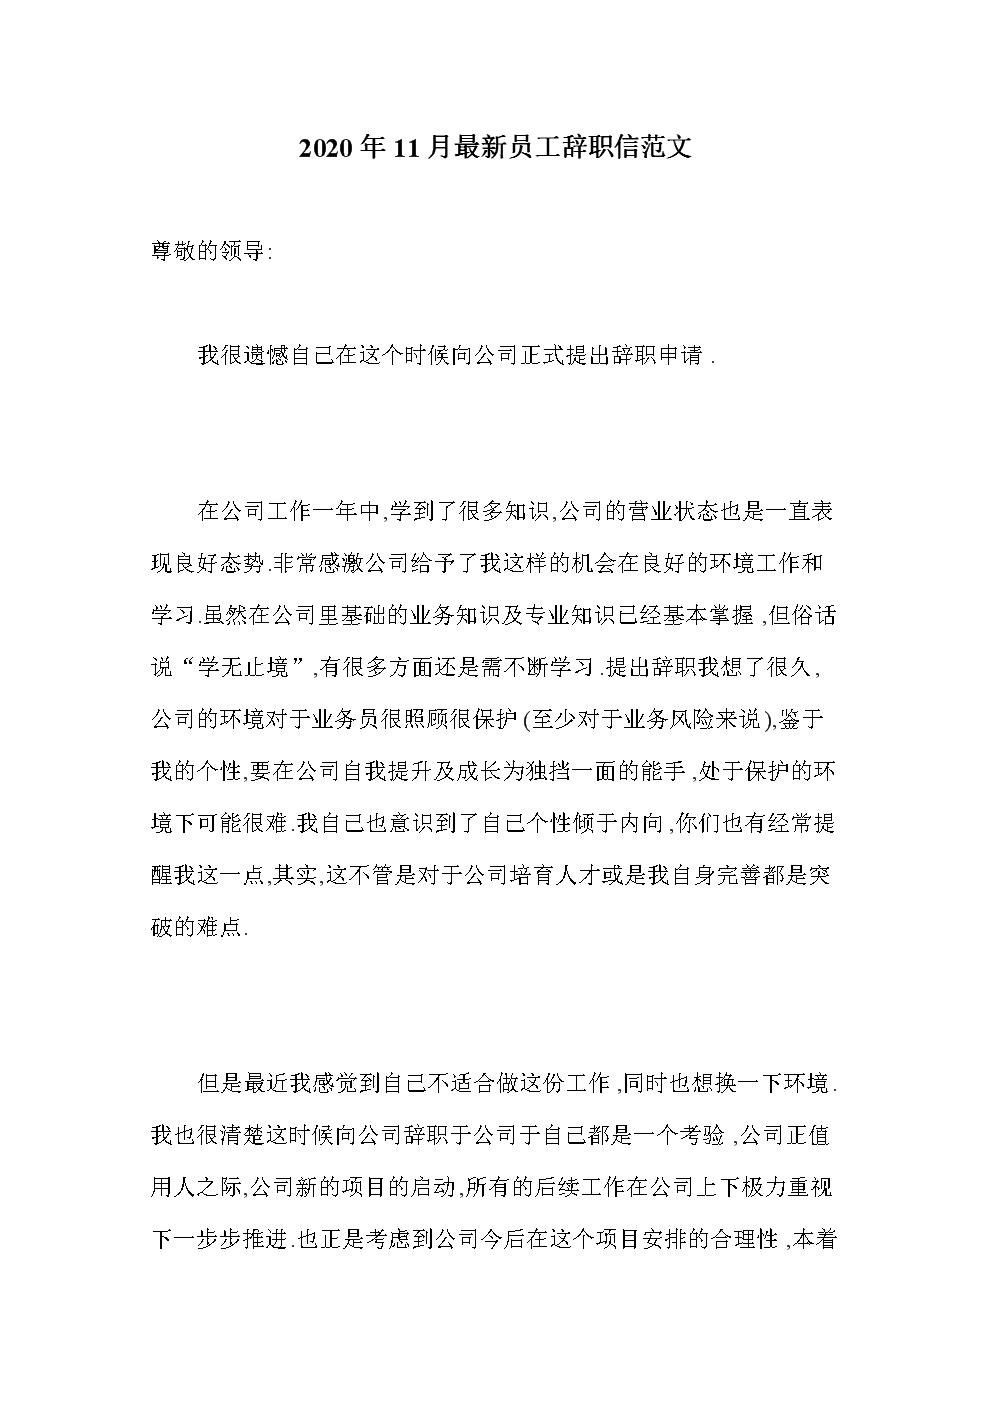 2020年11月最新员工辞职信范文.doc